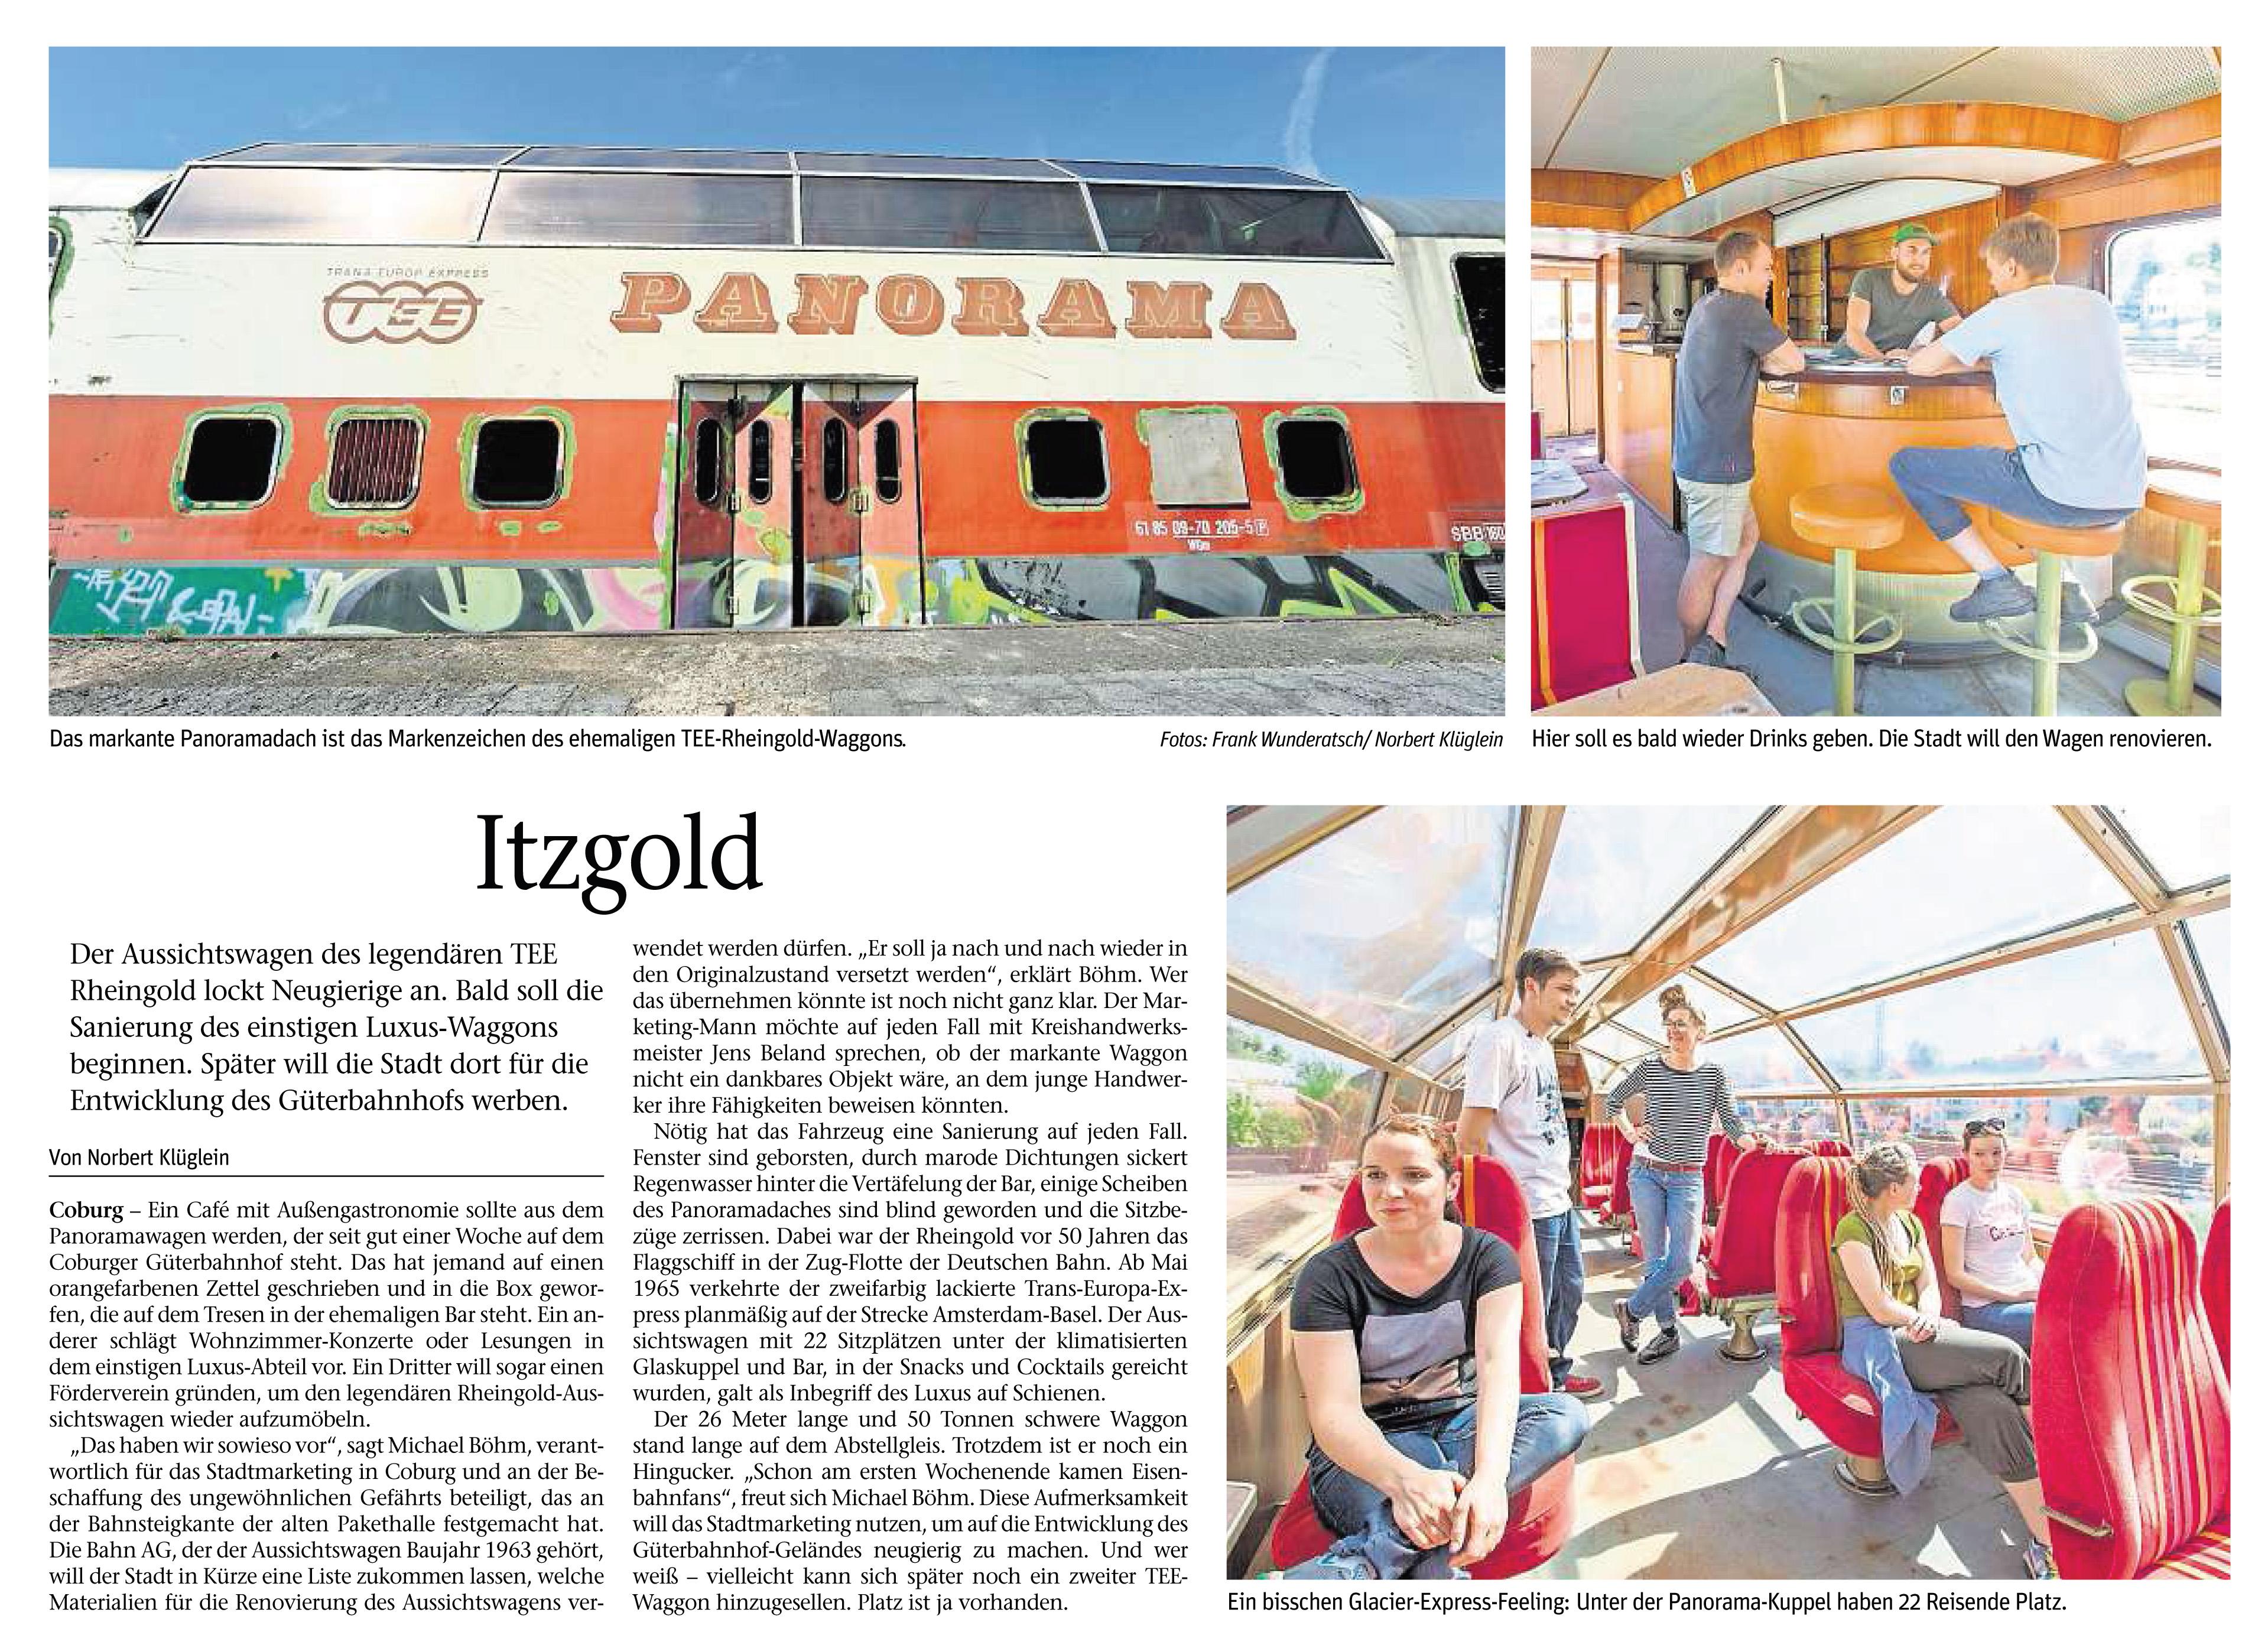 Neue Presse 17.05.2017 Itzgold